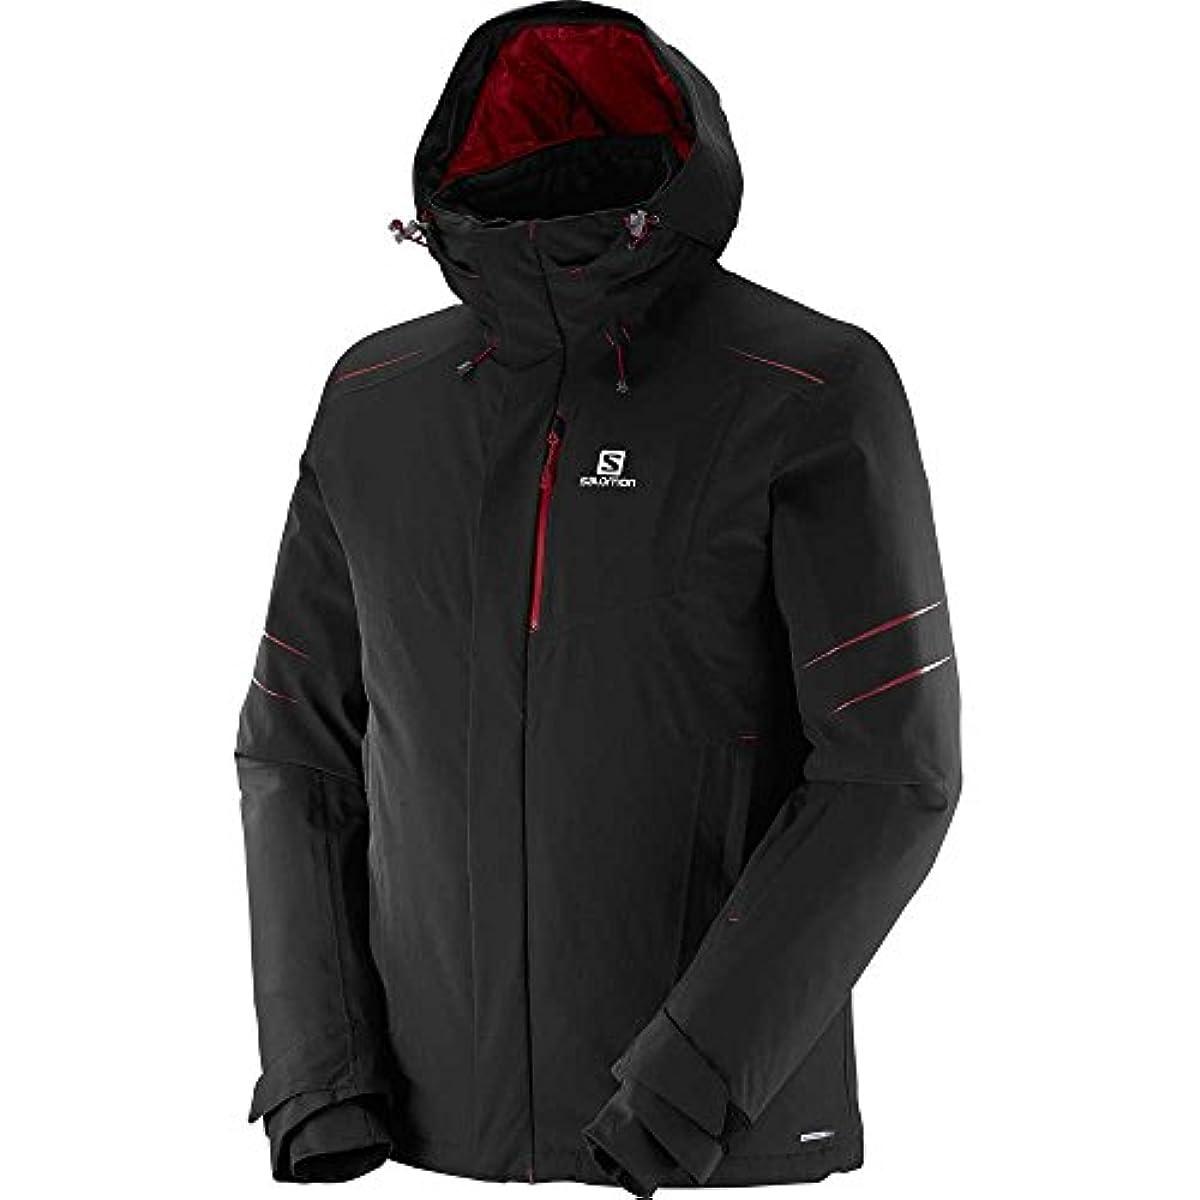 [해외] 살로몬SALOMON 스키 재킷 아이스 스톰 ICESTORM 맨즈 L38298800 블랙